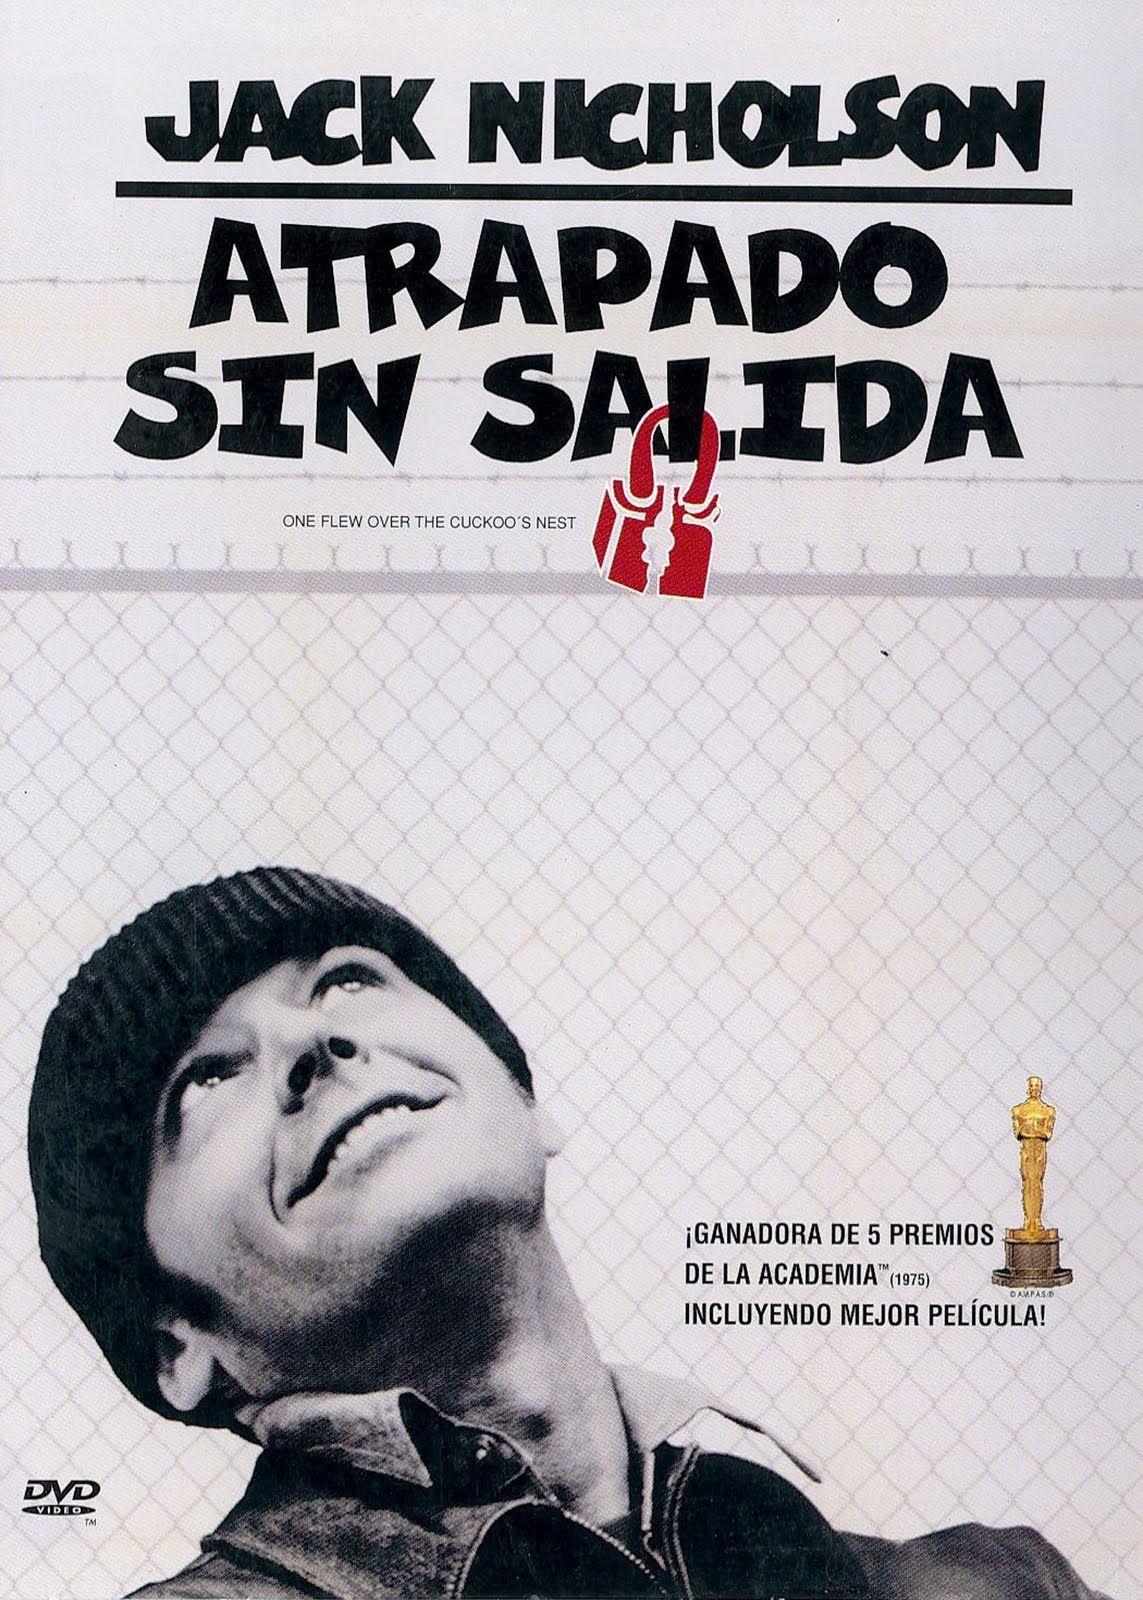 Atrapado sin salida dvd full latino dating